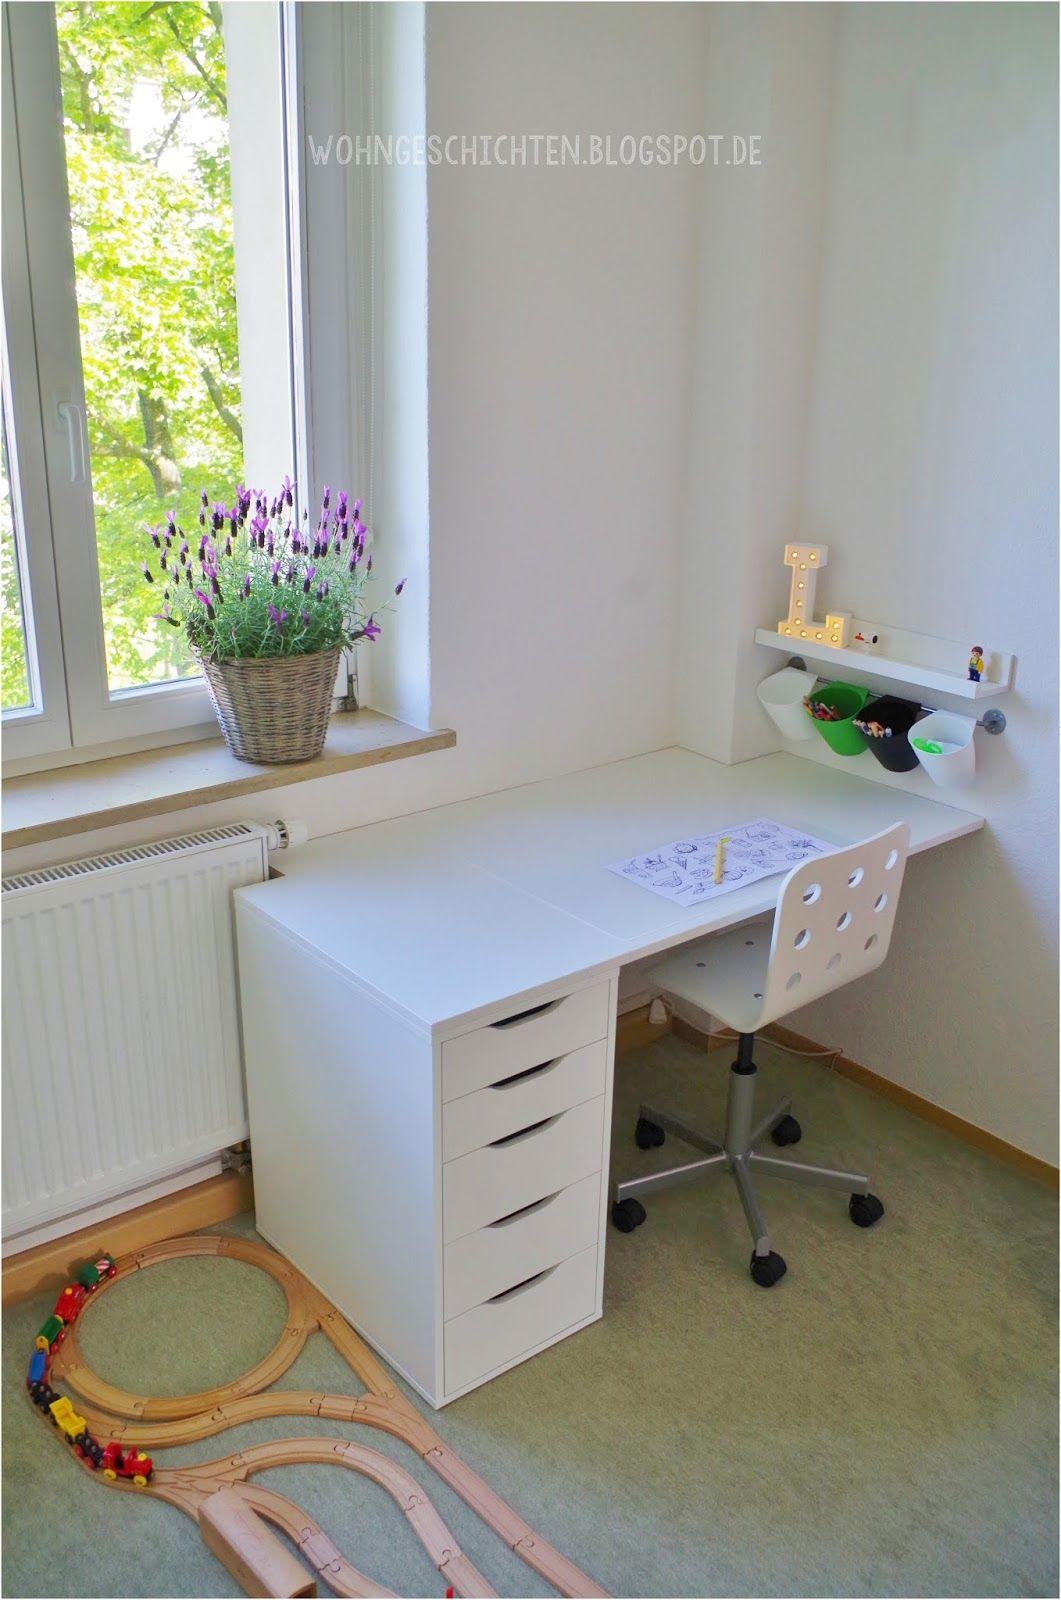 Hellweg Kinderzimmer Etagenbett Schreibtisch Jugendzimmer Baumarkt ... | {Kinderzimmer 2 kindern 34}